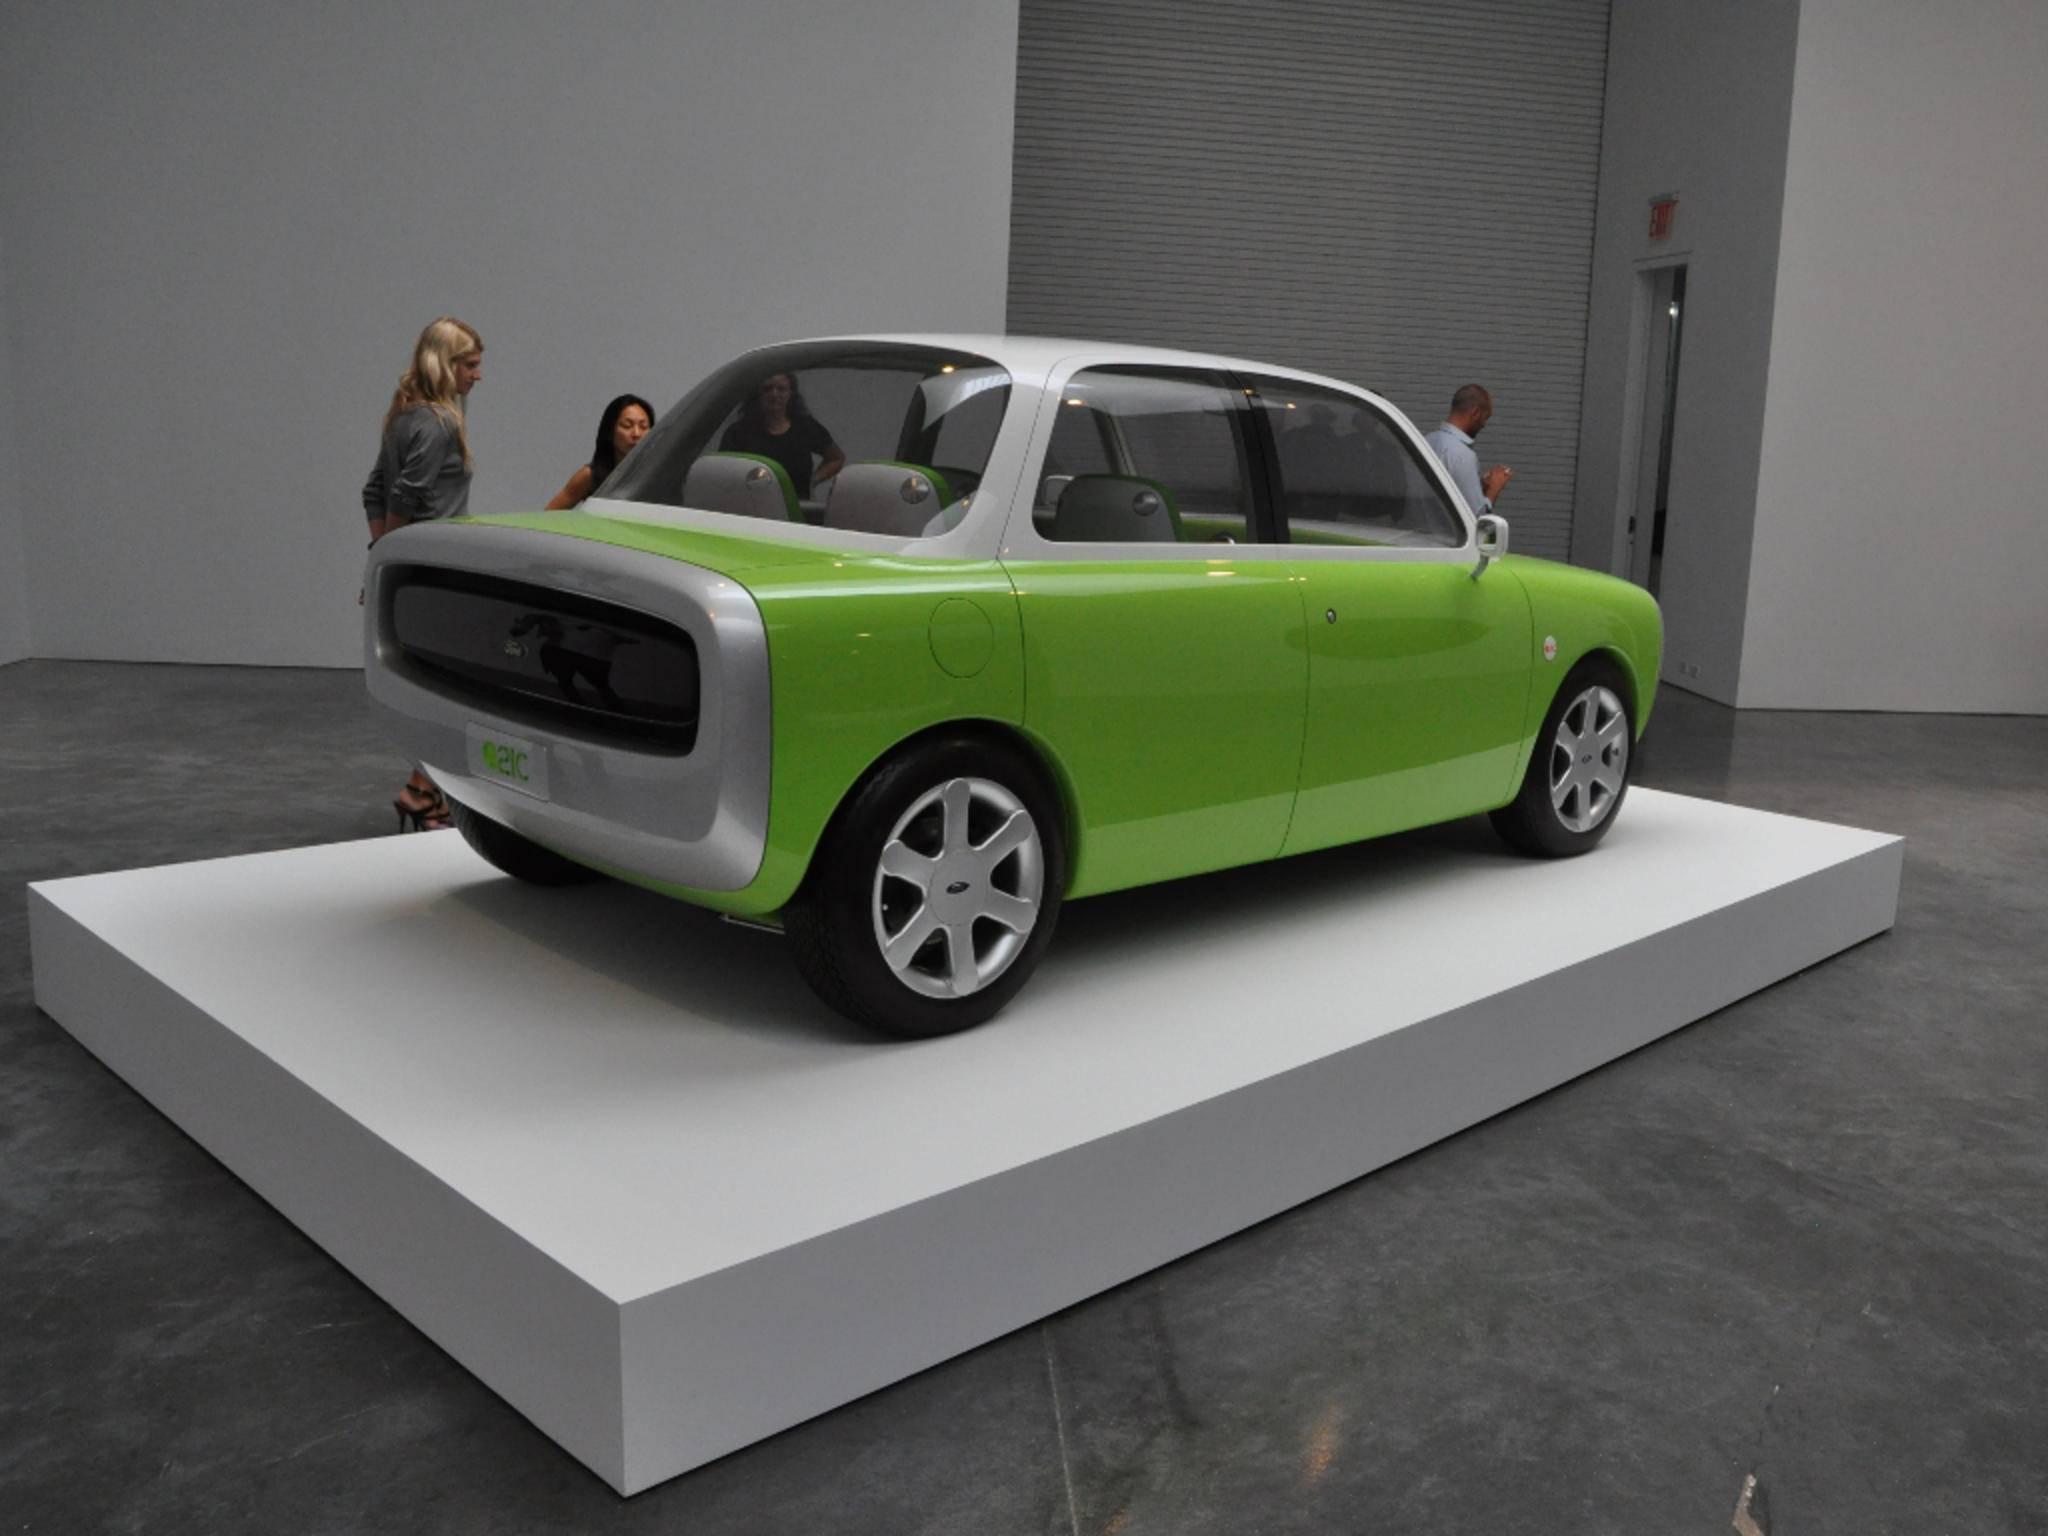 Analysten rechnen mit einem Verkaufspreis von 55.000 US-Dollar für das iCar.